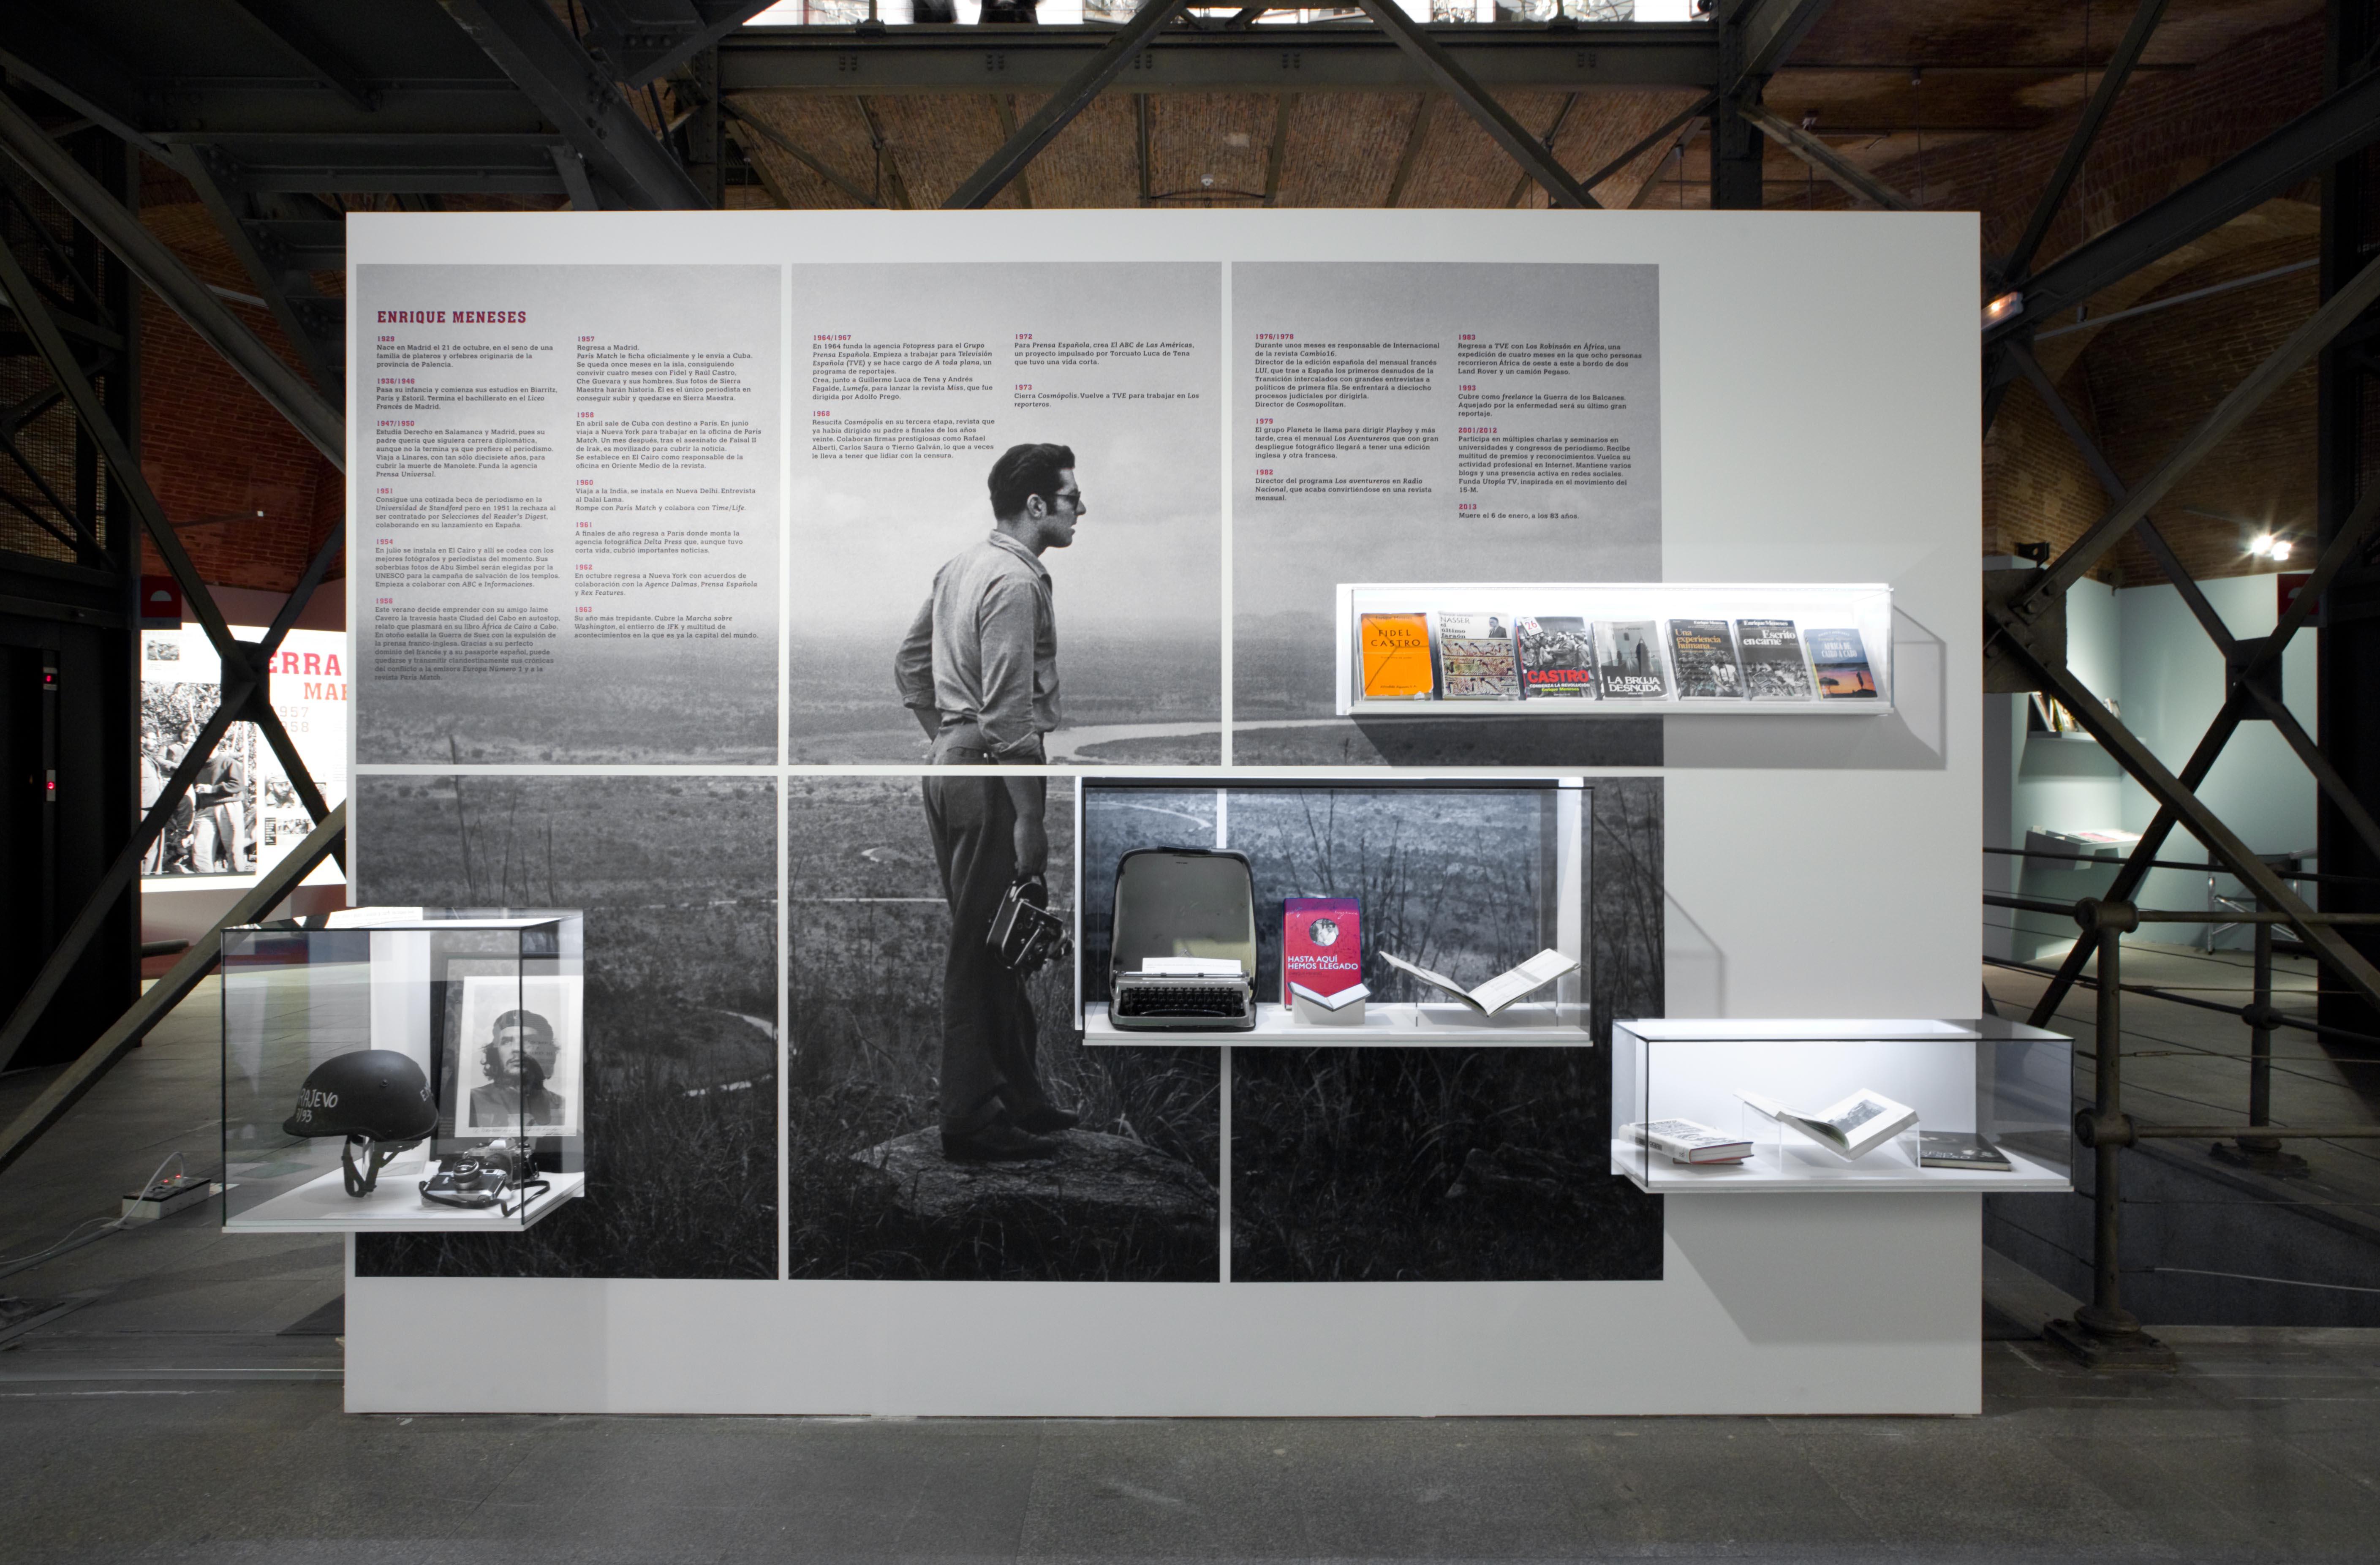 Exposición Enrique Meneses. Foto Pedro S. Albornoz